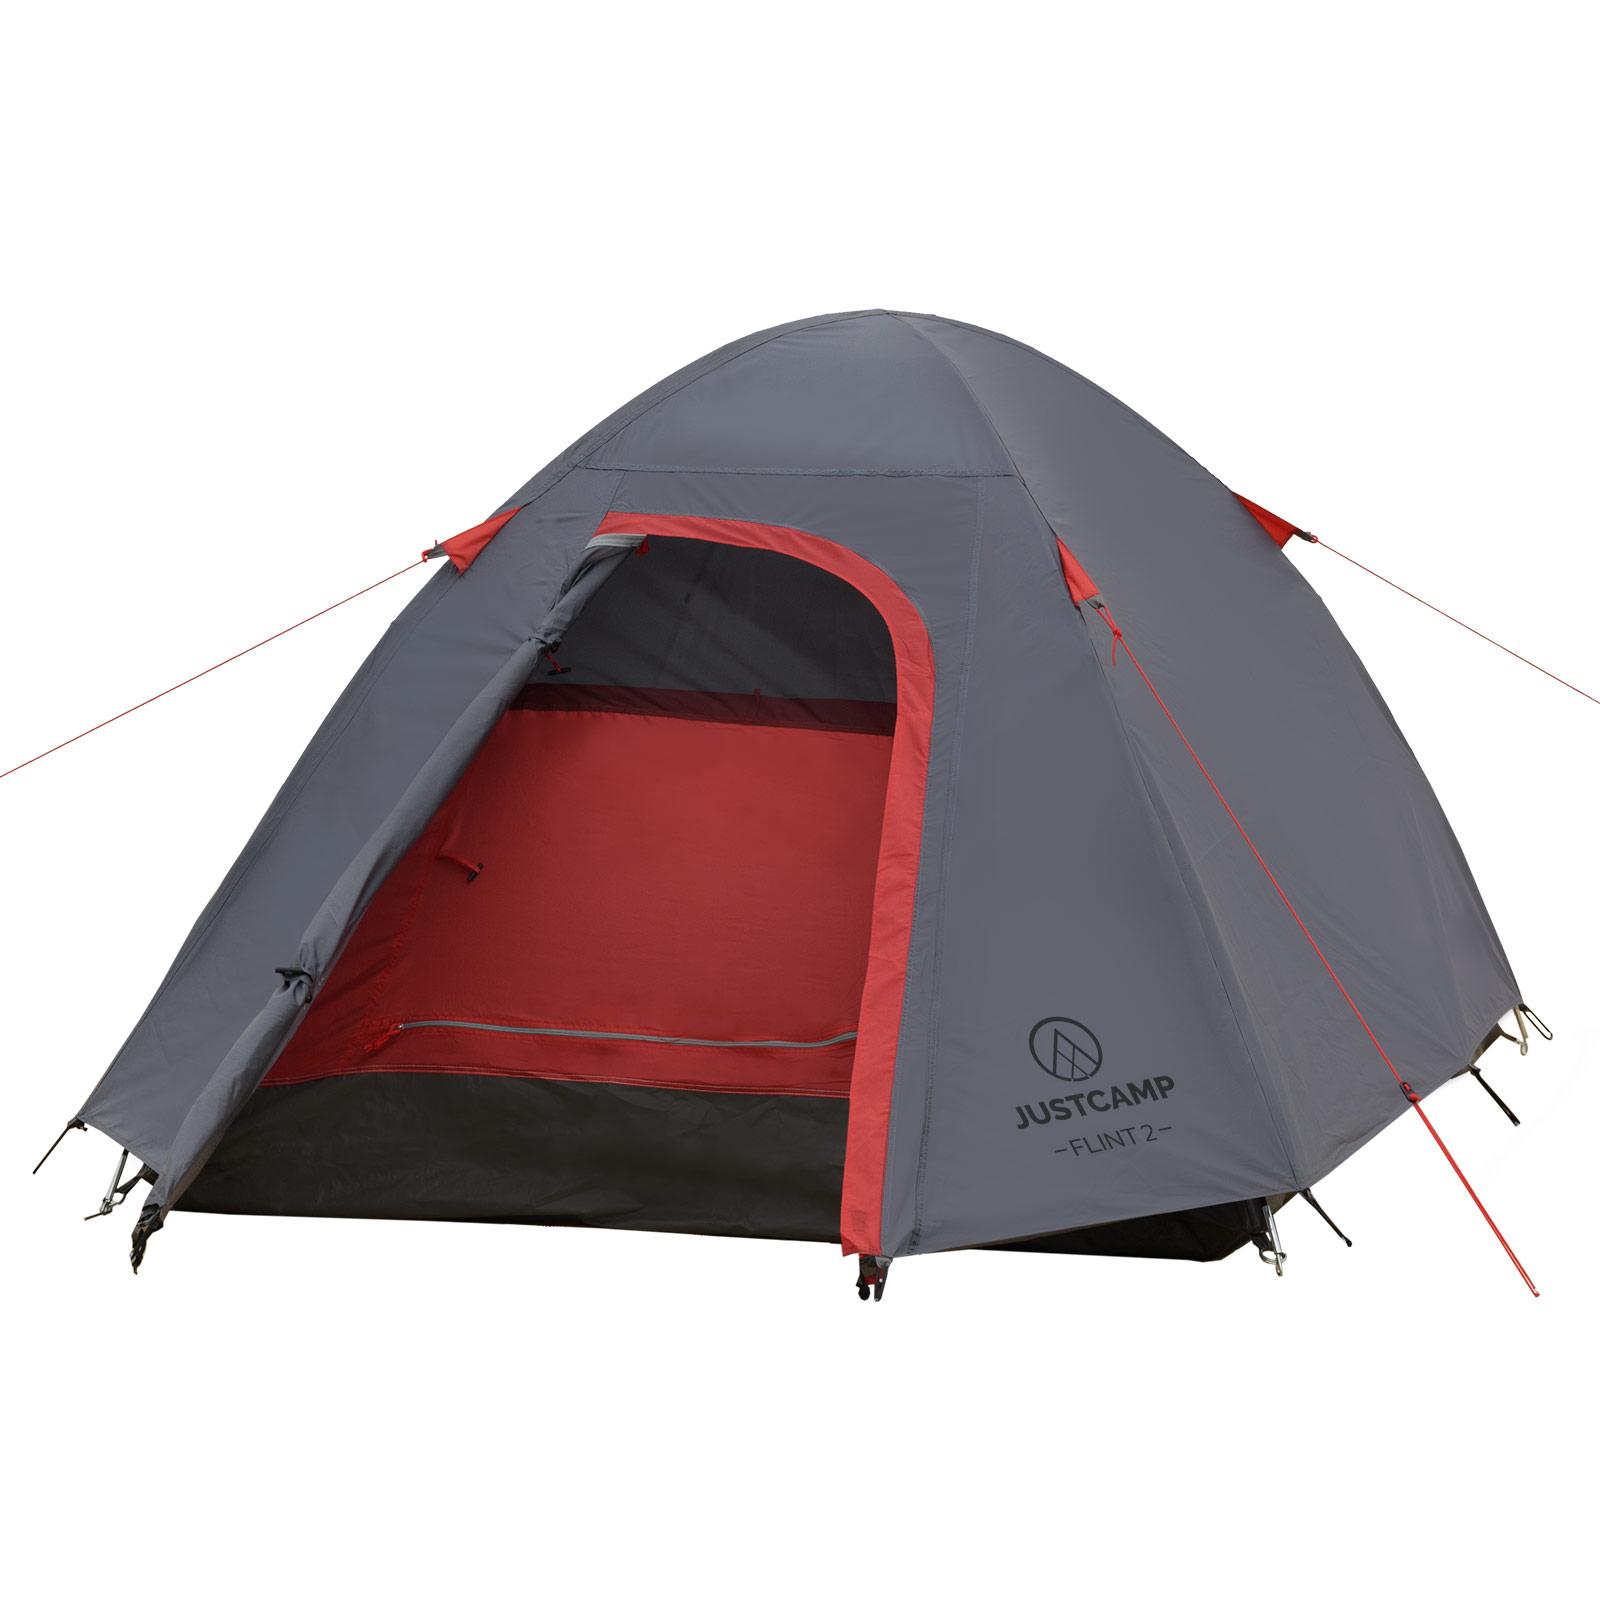 Zelt 2 Personen Leicht Kleines Packmaß : Campingzelt justcamp flint mann kuppelzelt iglu zelt